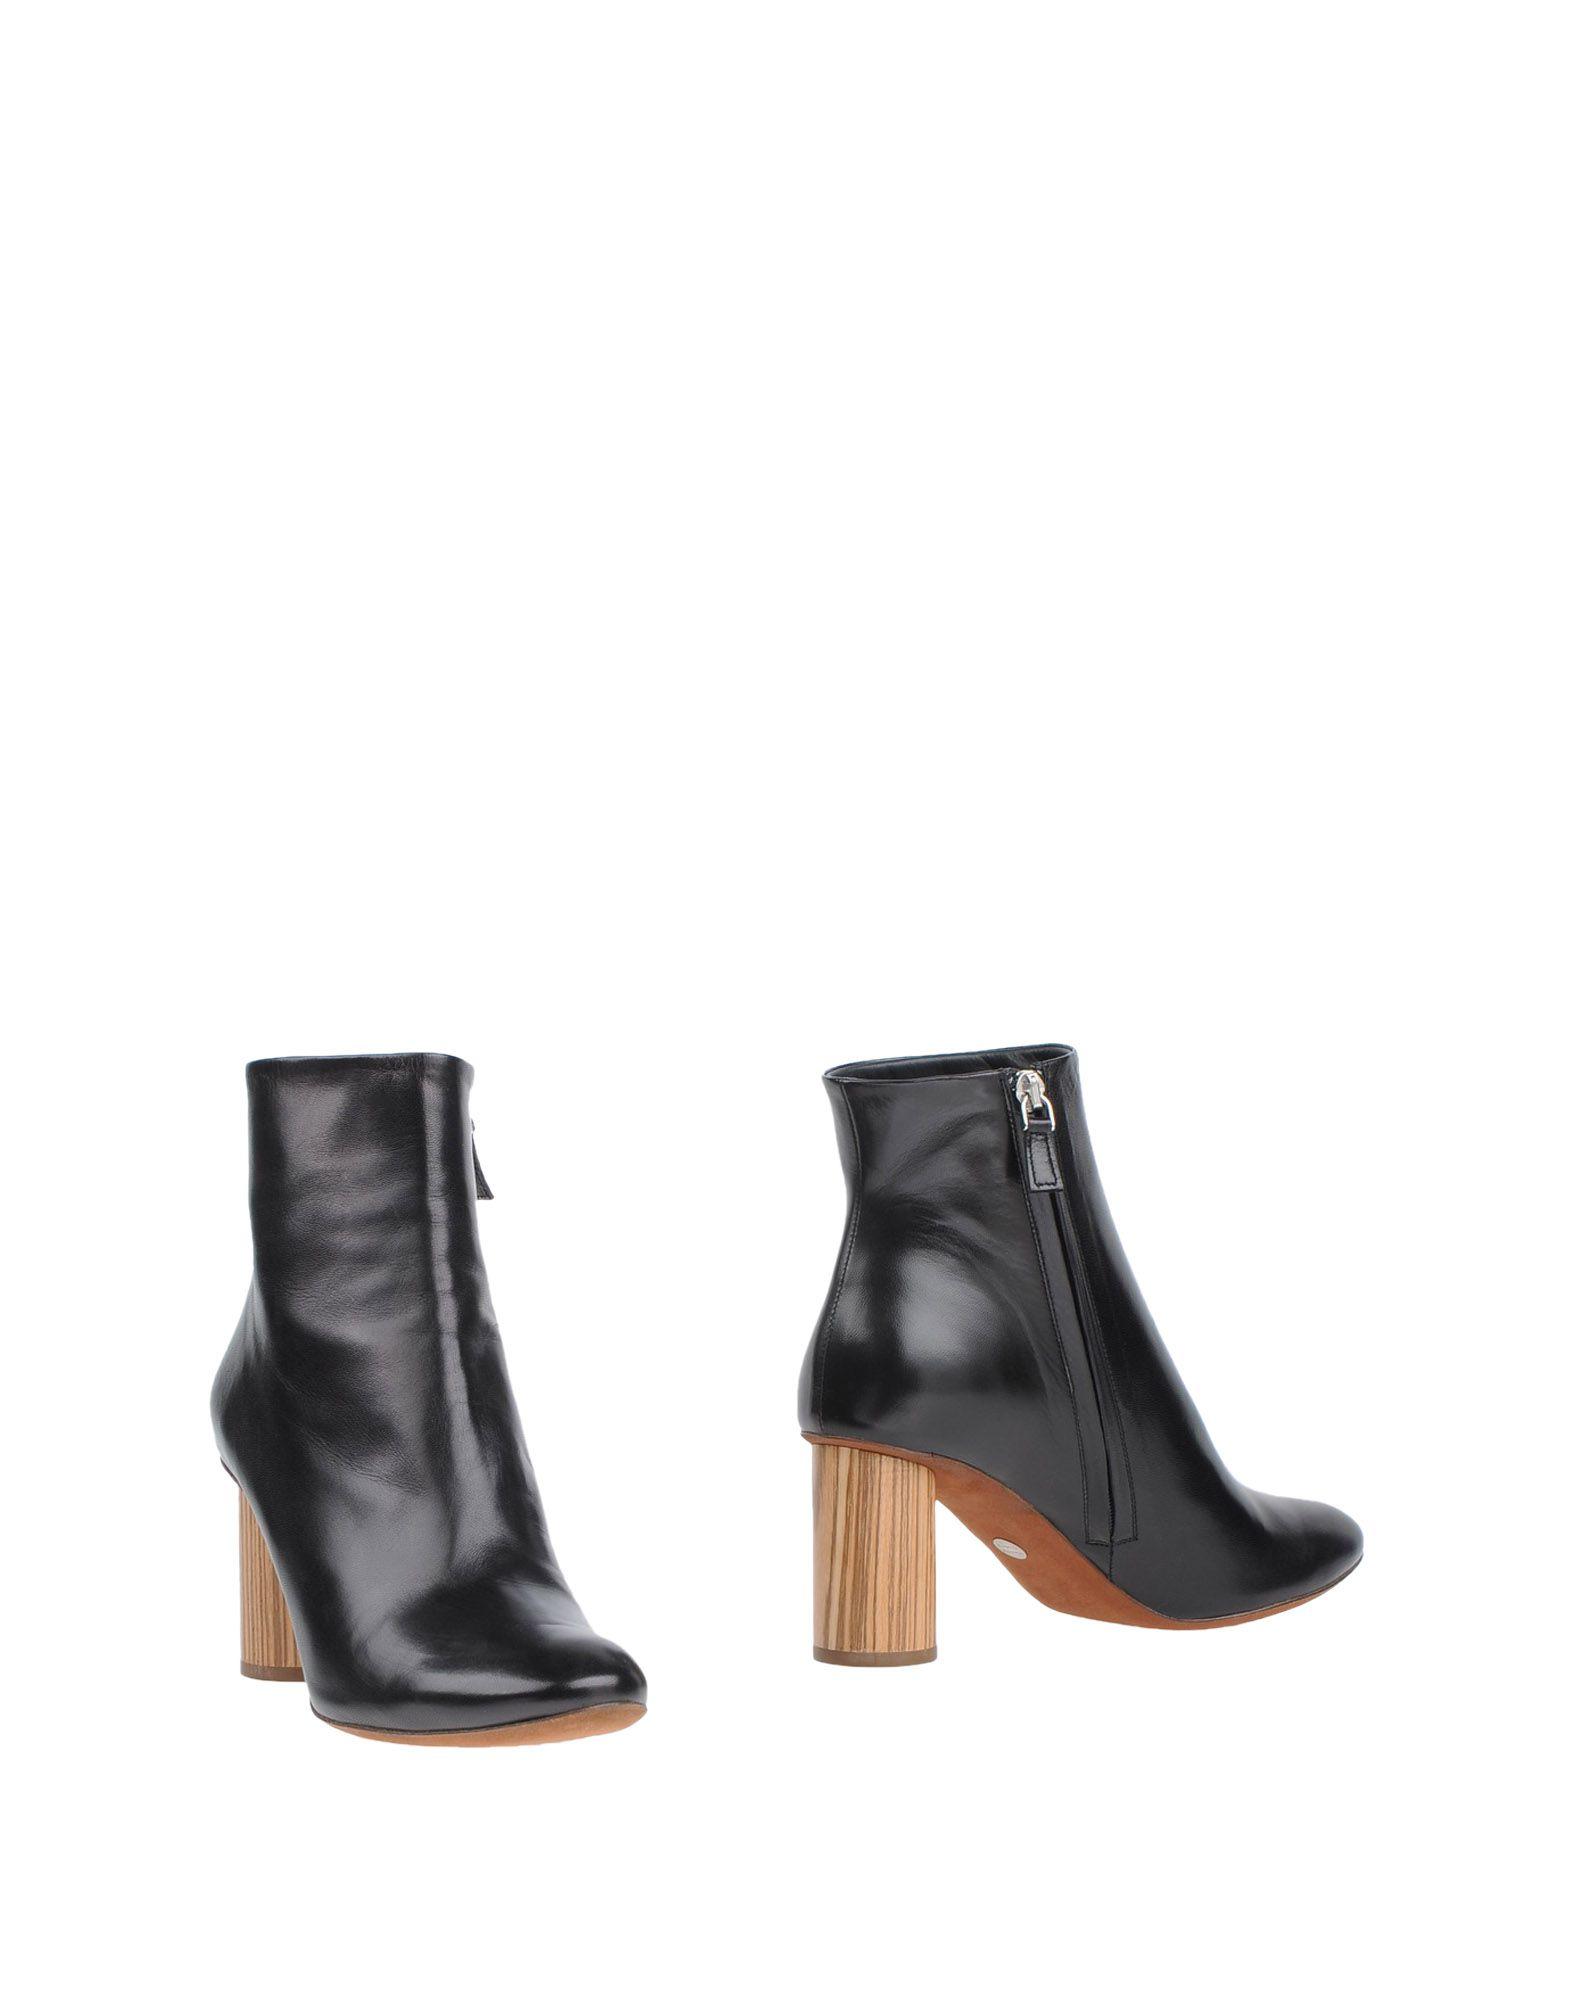 Proenza 11330377EUGünstige Schouler Stiefelette Damen  11330377EUGünstige Proenza gut aussehende Schuhe 3c5e17